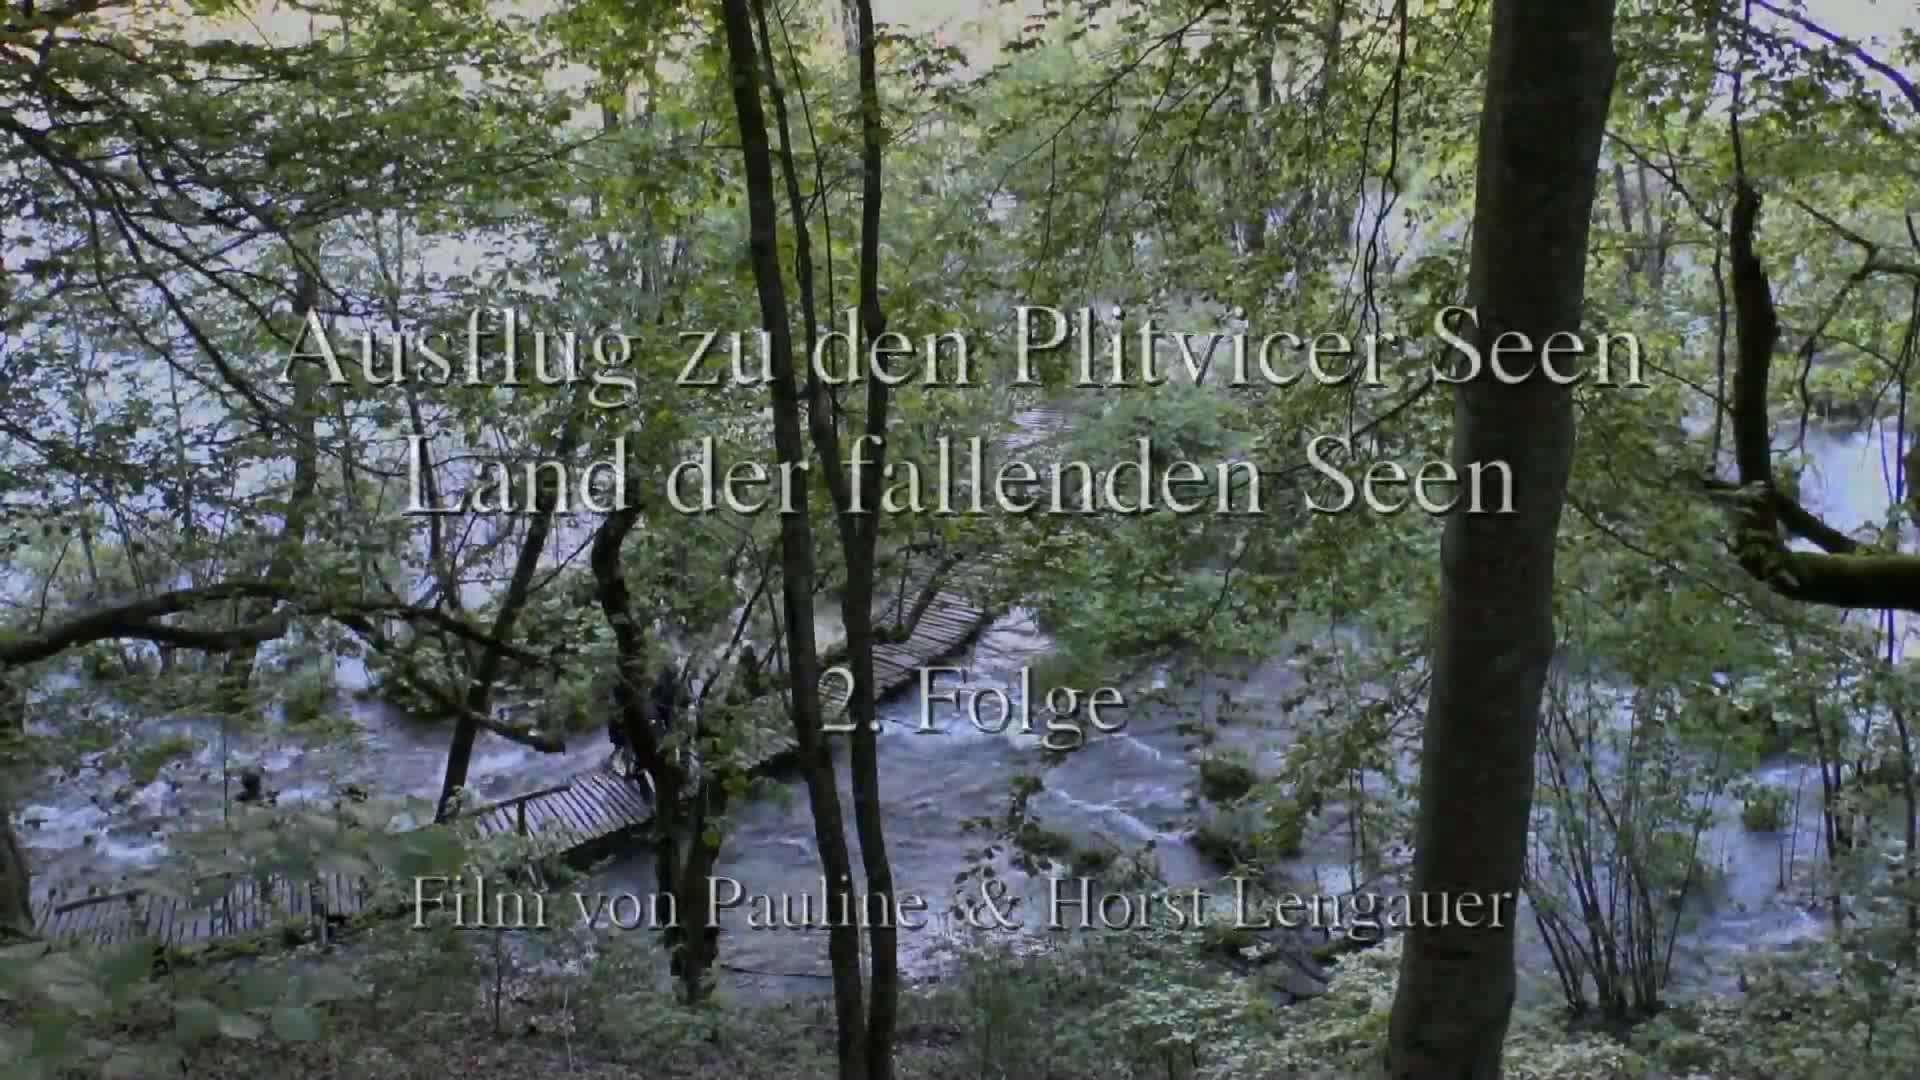 Plitvicer Seen, Folge 2